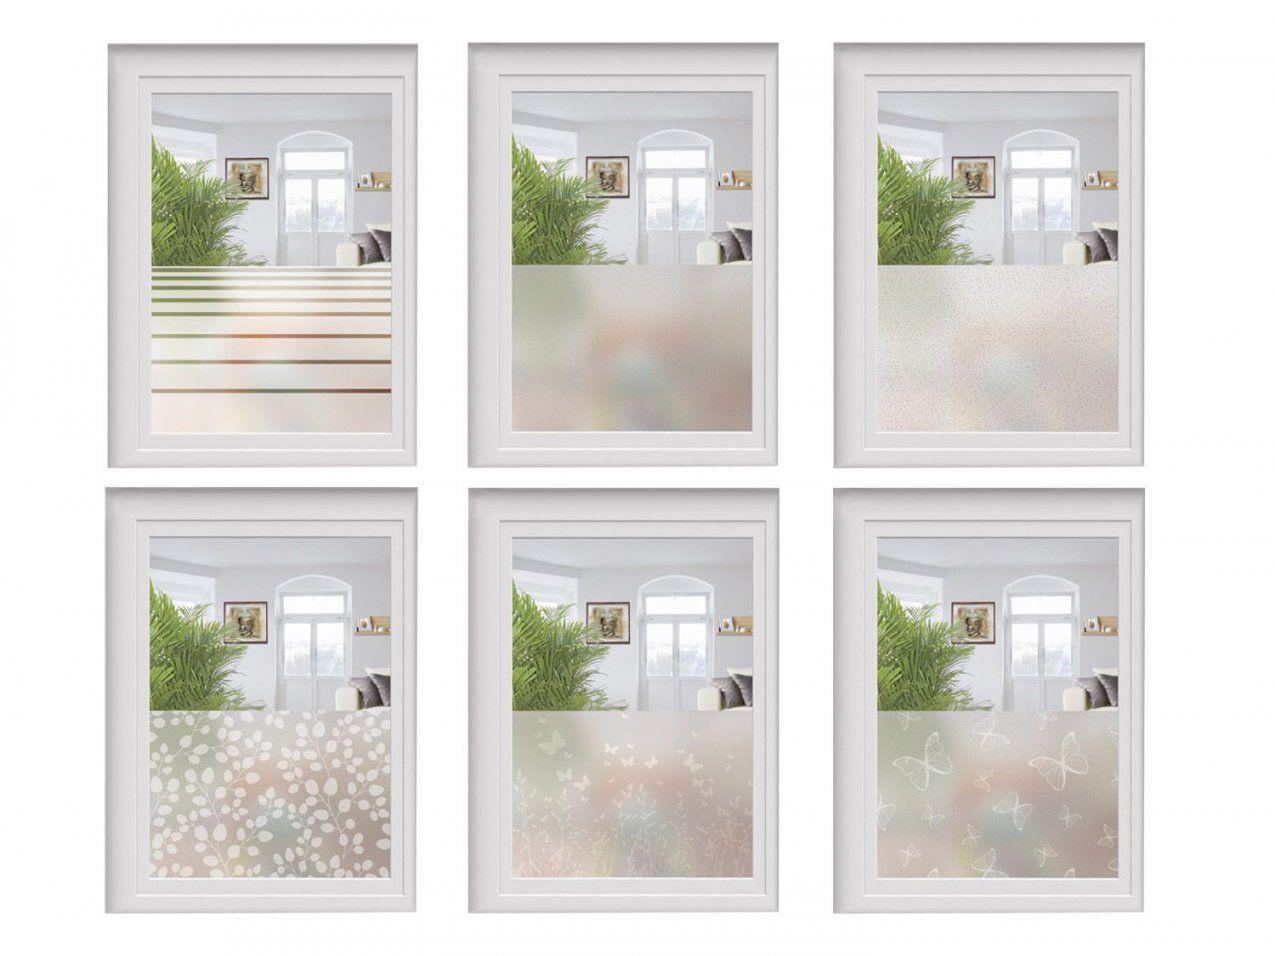 Melinera® Fenstersichtschutzfolie  Lidl Deutschland  Lidl von Satinierte Folie Für Glastüren Bild